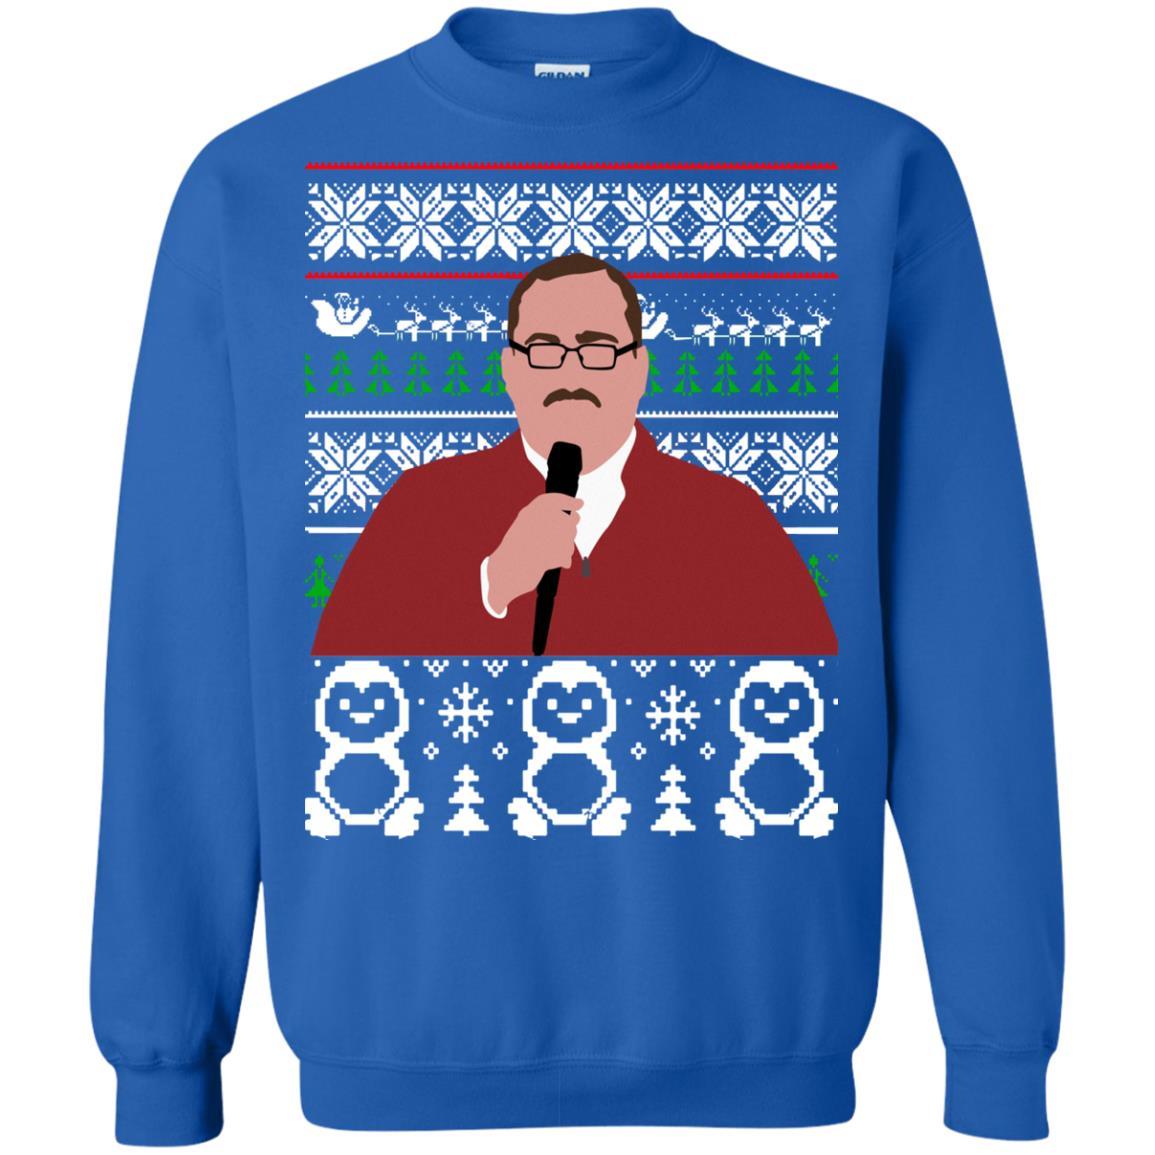 image 1889 - The Ken Bone Christmas Sweater, Hoodie